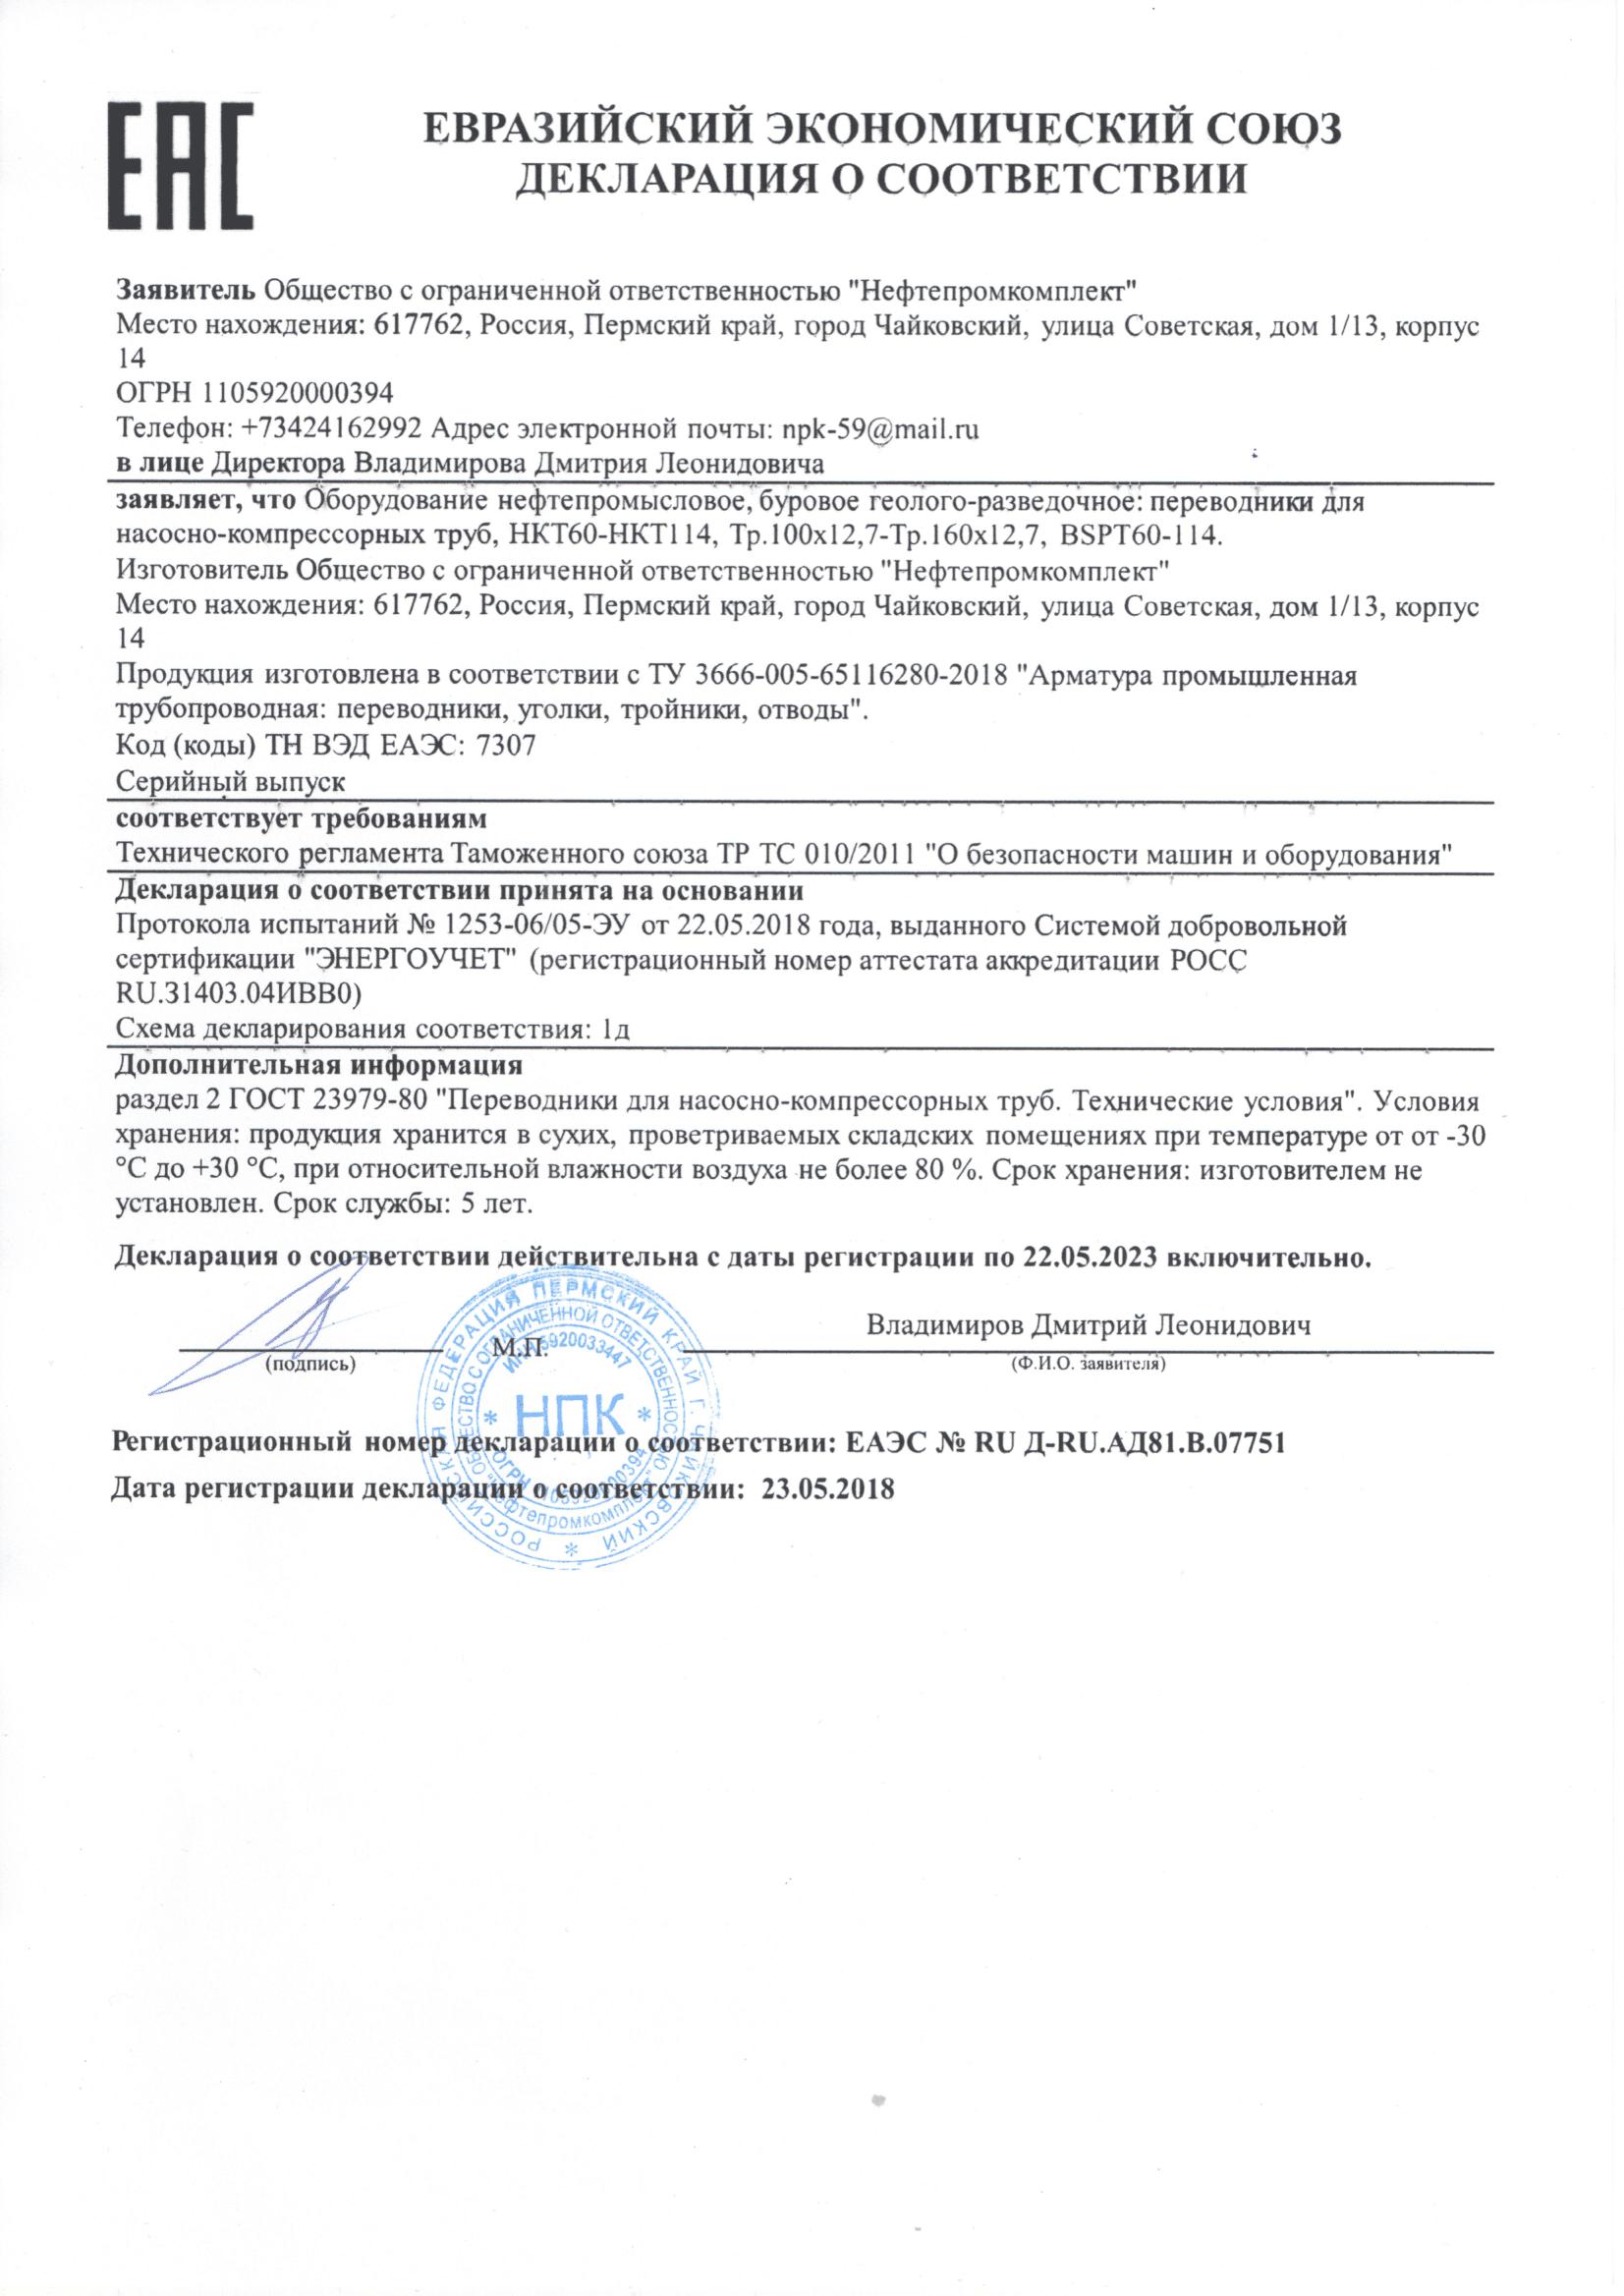 Декларация таможенного союза на проводники для труб